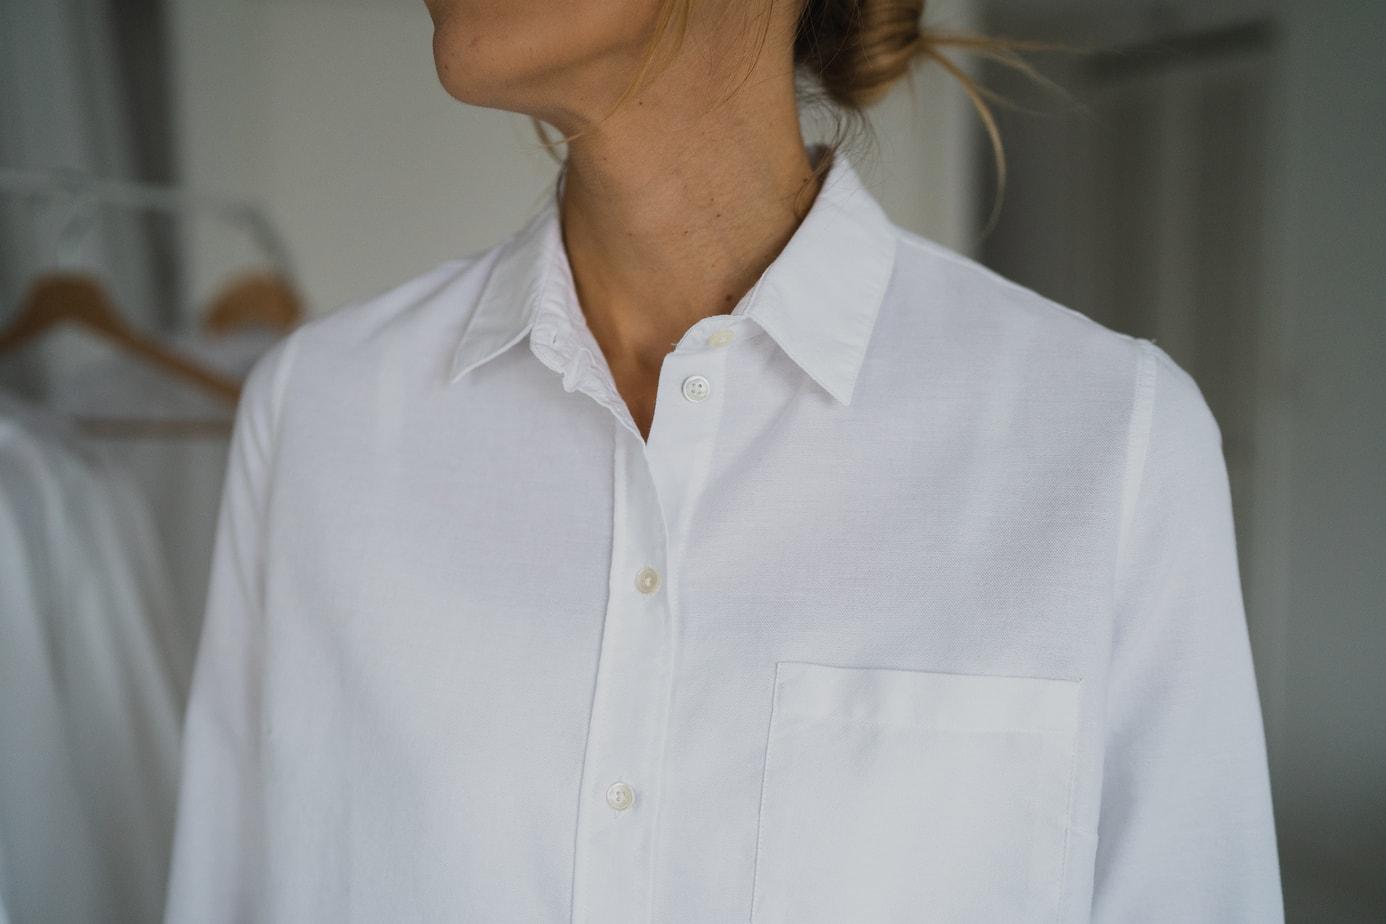 e6e0958948eef Dans mon dernier article, je vous donnais quelques astuces pour vous aider  à bien choisir une chemise et à reconnaître une pièce de qualité.